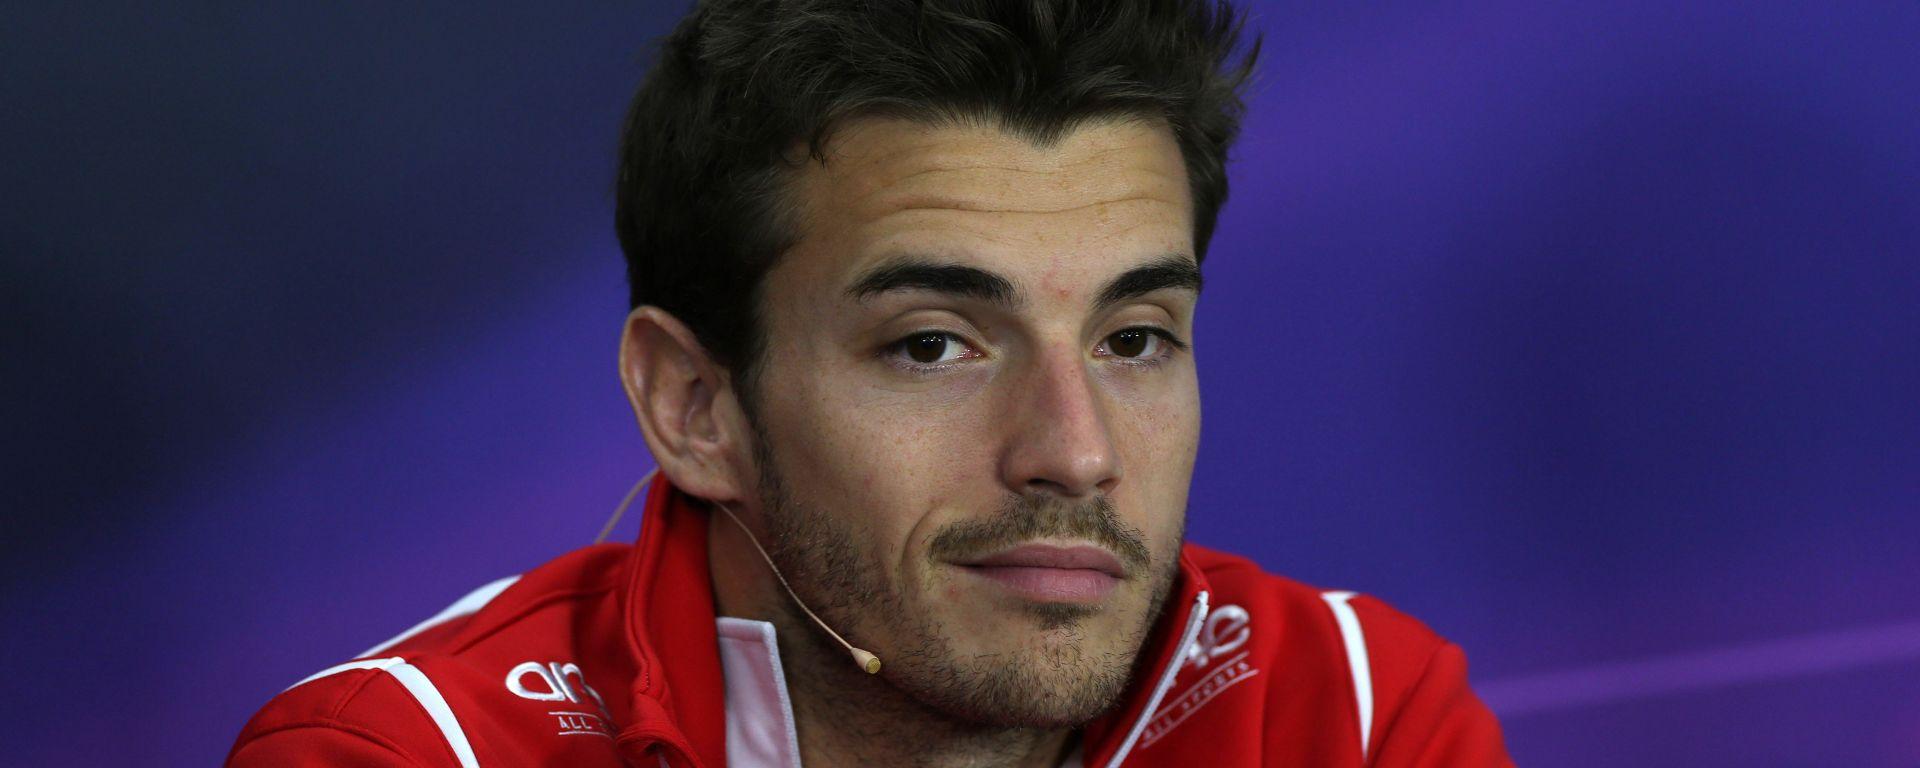 F1 2014: Jules Bianchi (Marussia)